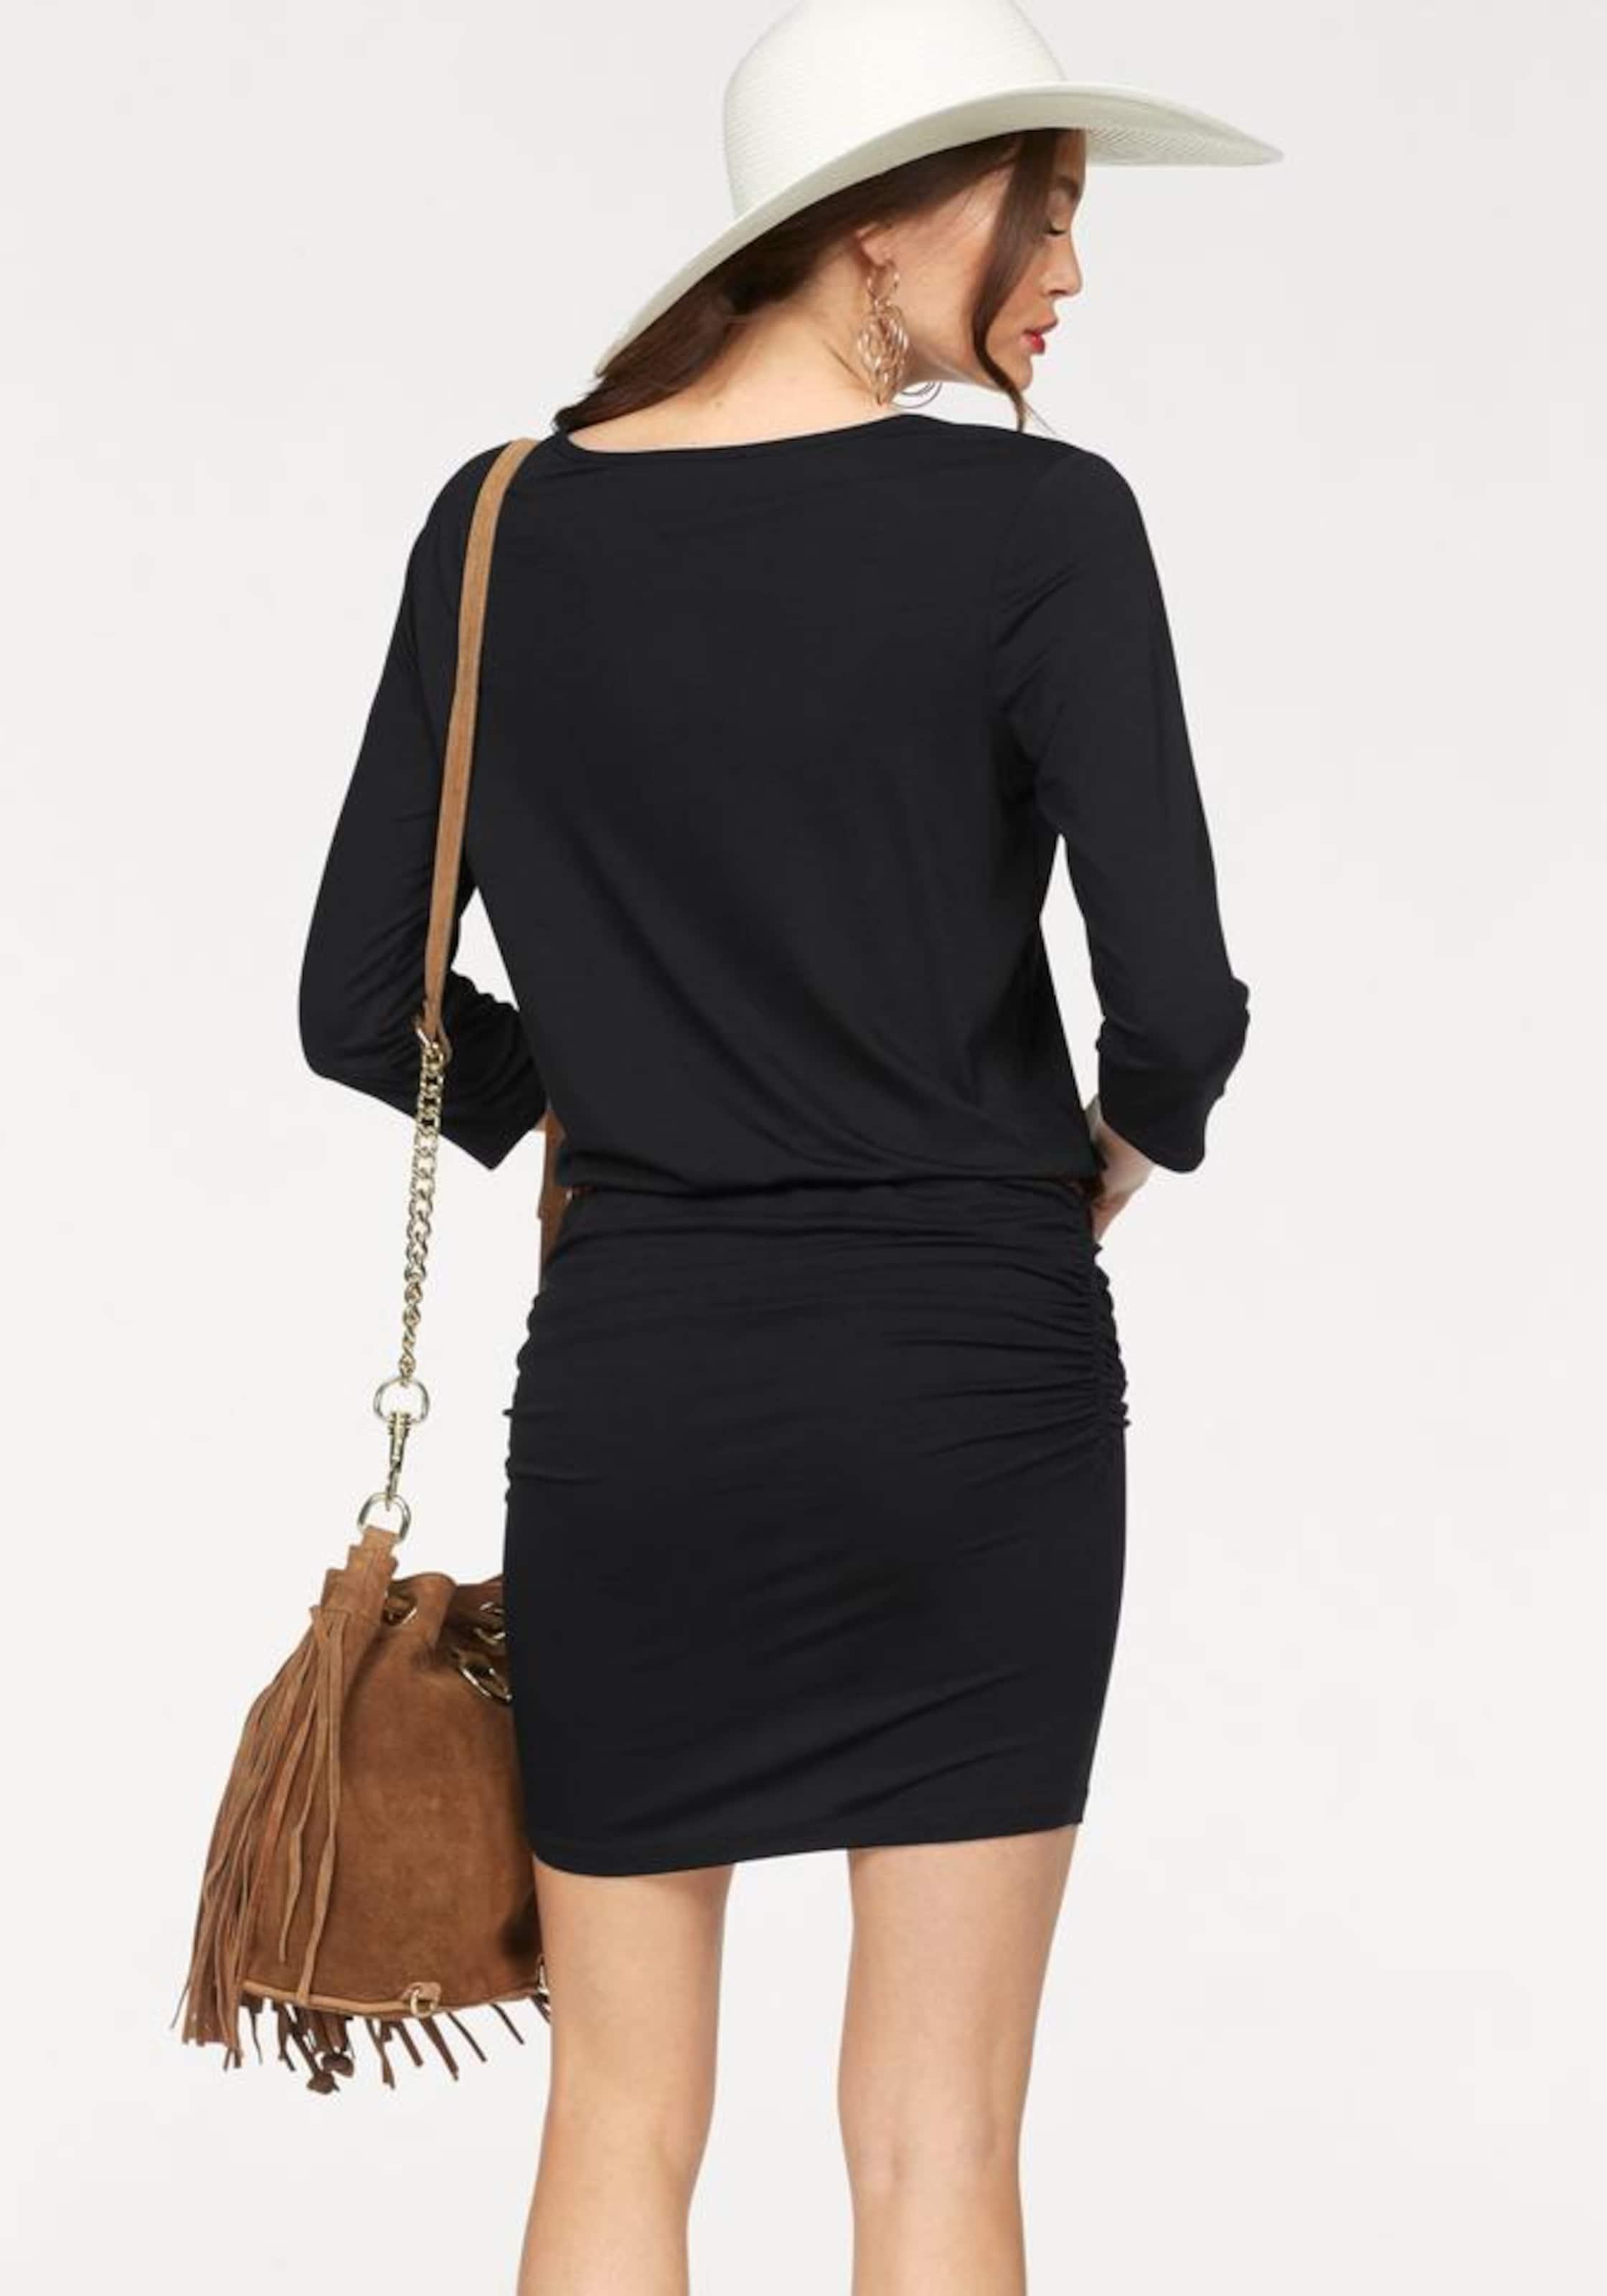 MELROSE Melrose Jerseykleid Schnelle Lieferung Freies Verschiffen Fälschung Rabatt Großhandel Günstig Kaufen Limited Edition Ebay Auslass Ycovnhc